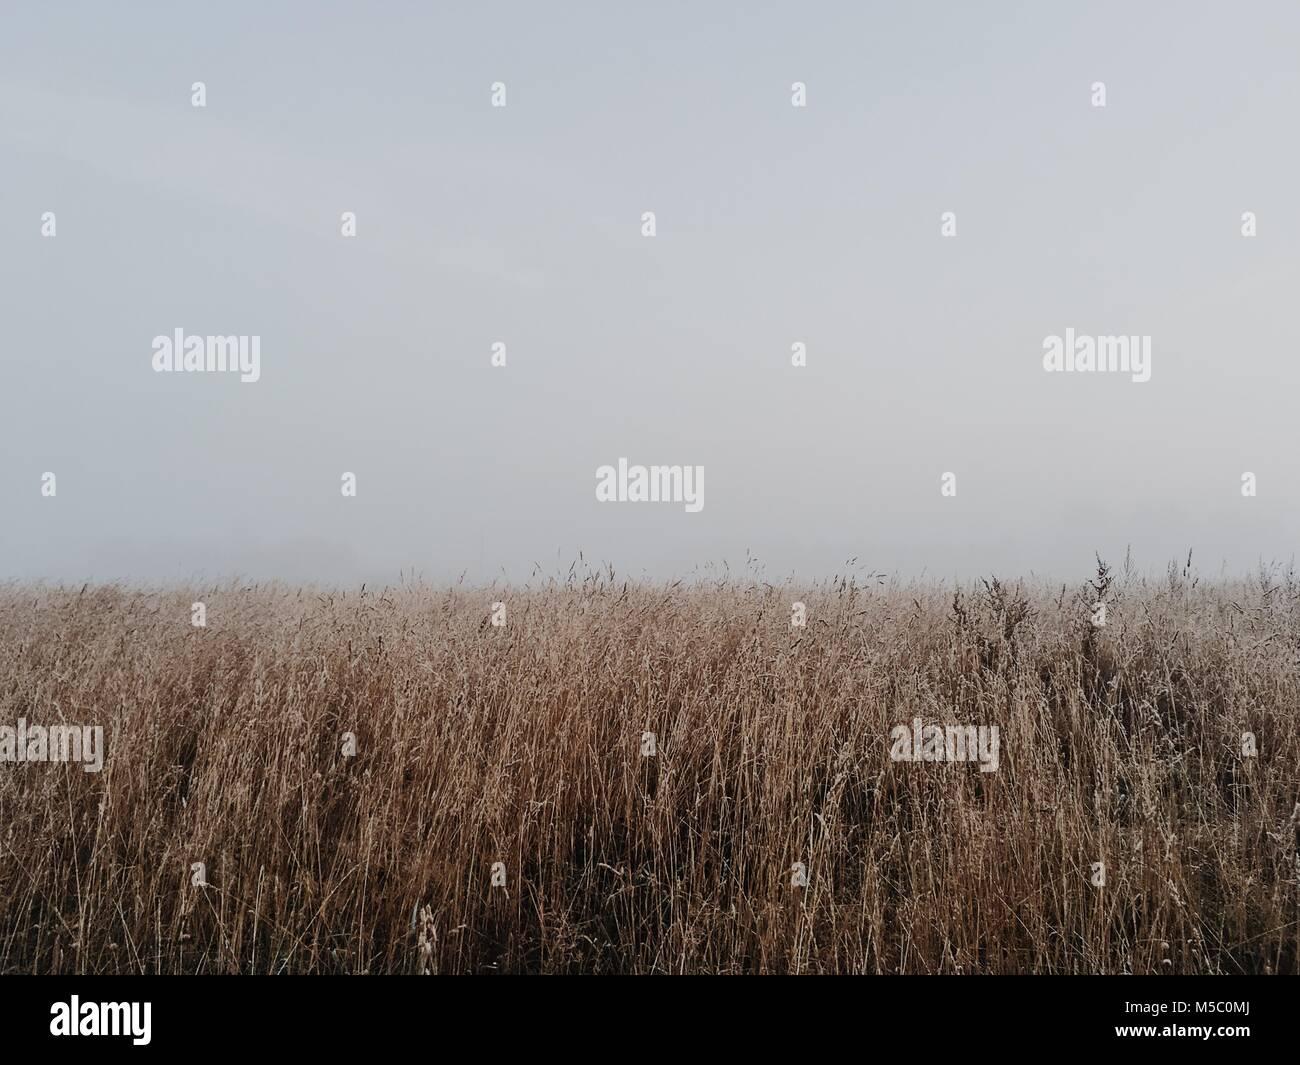 Nada detrás de campo de trigo blanco. Otoño duro escena con niebla. Imagen De Stock